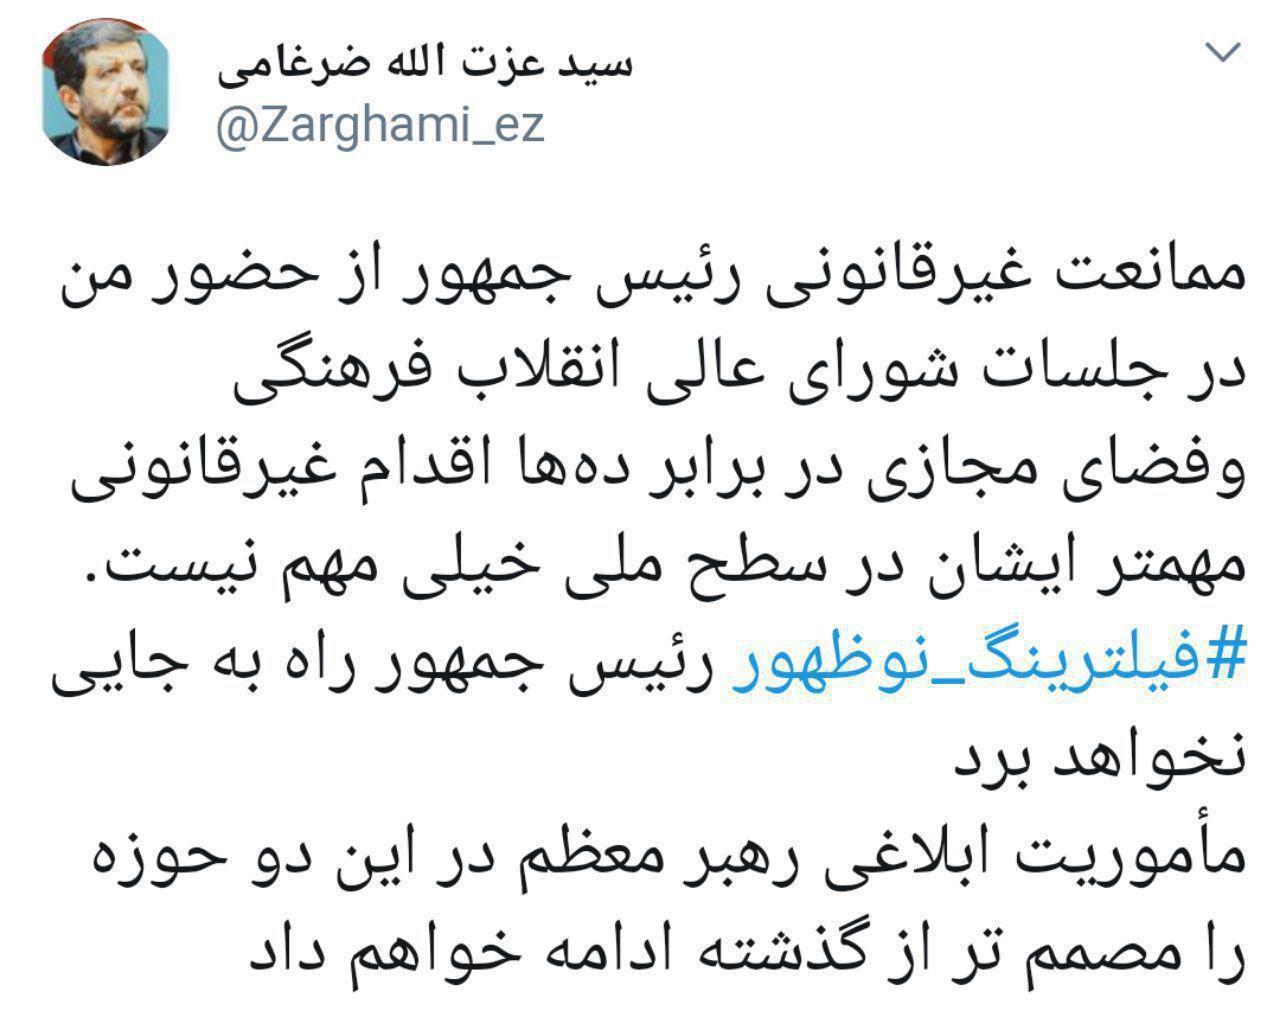 واکنش ضرغامی به موضوع ممانعت از حضورش در جلسات شورای انقلاب فرهنگی